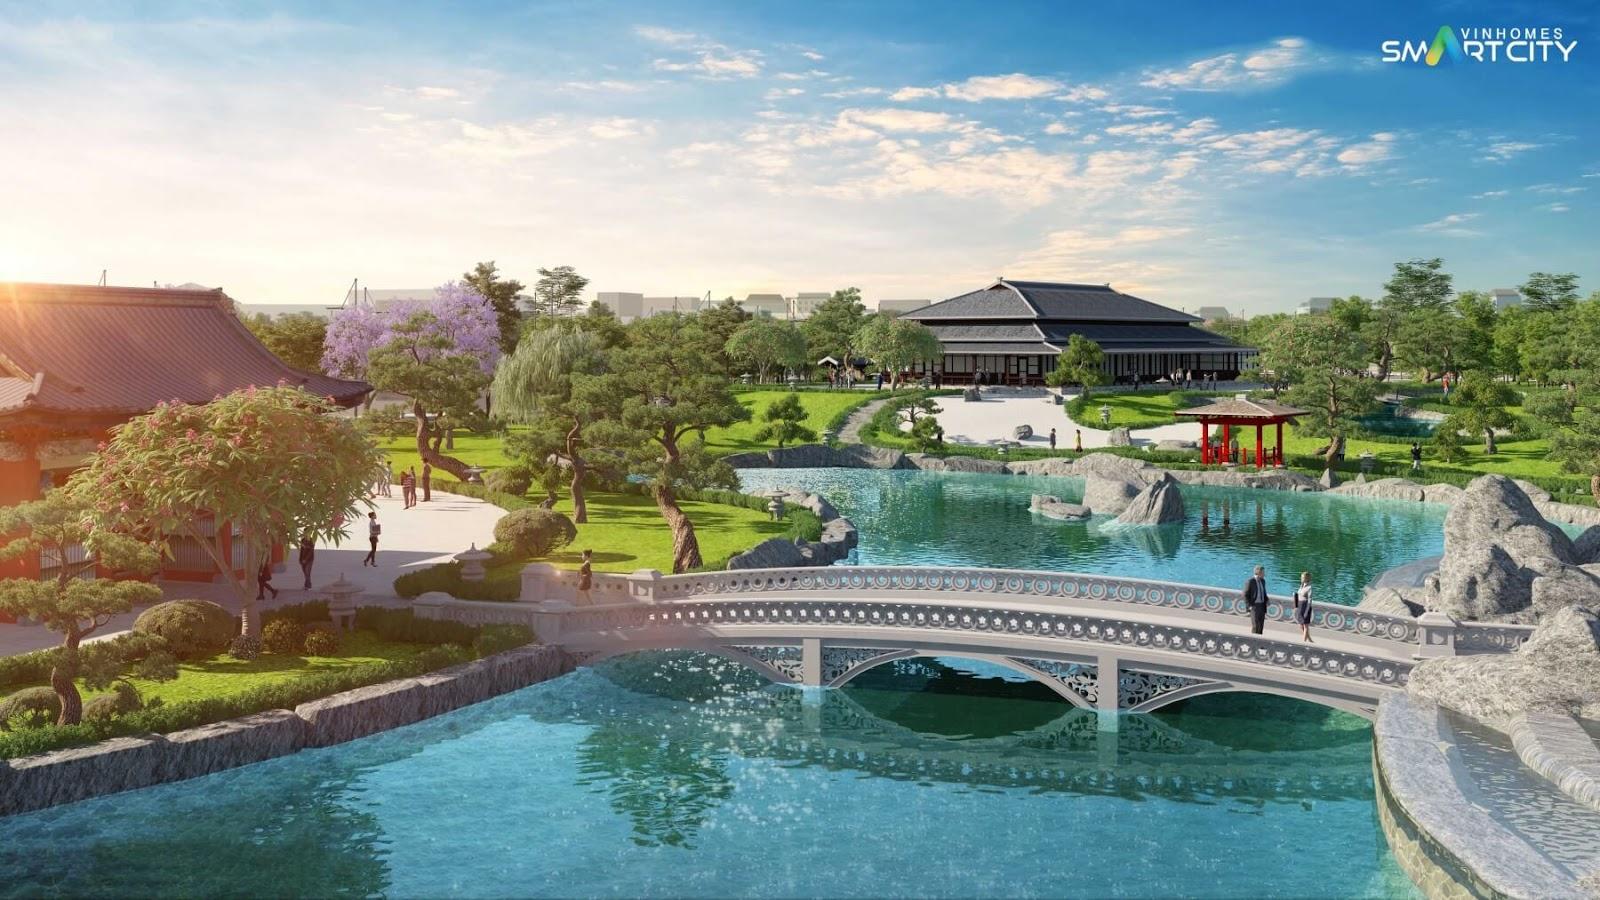 Vườn Nhật của dự án Vinhomes Tây Mỗ - Đại Mỗ